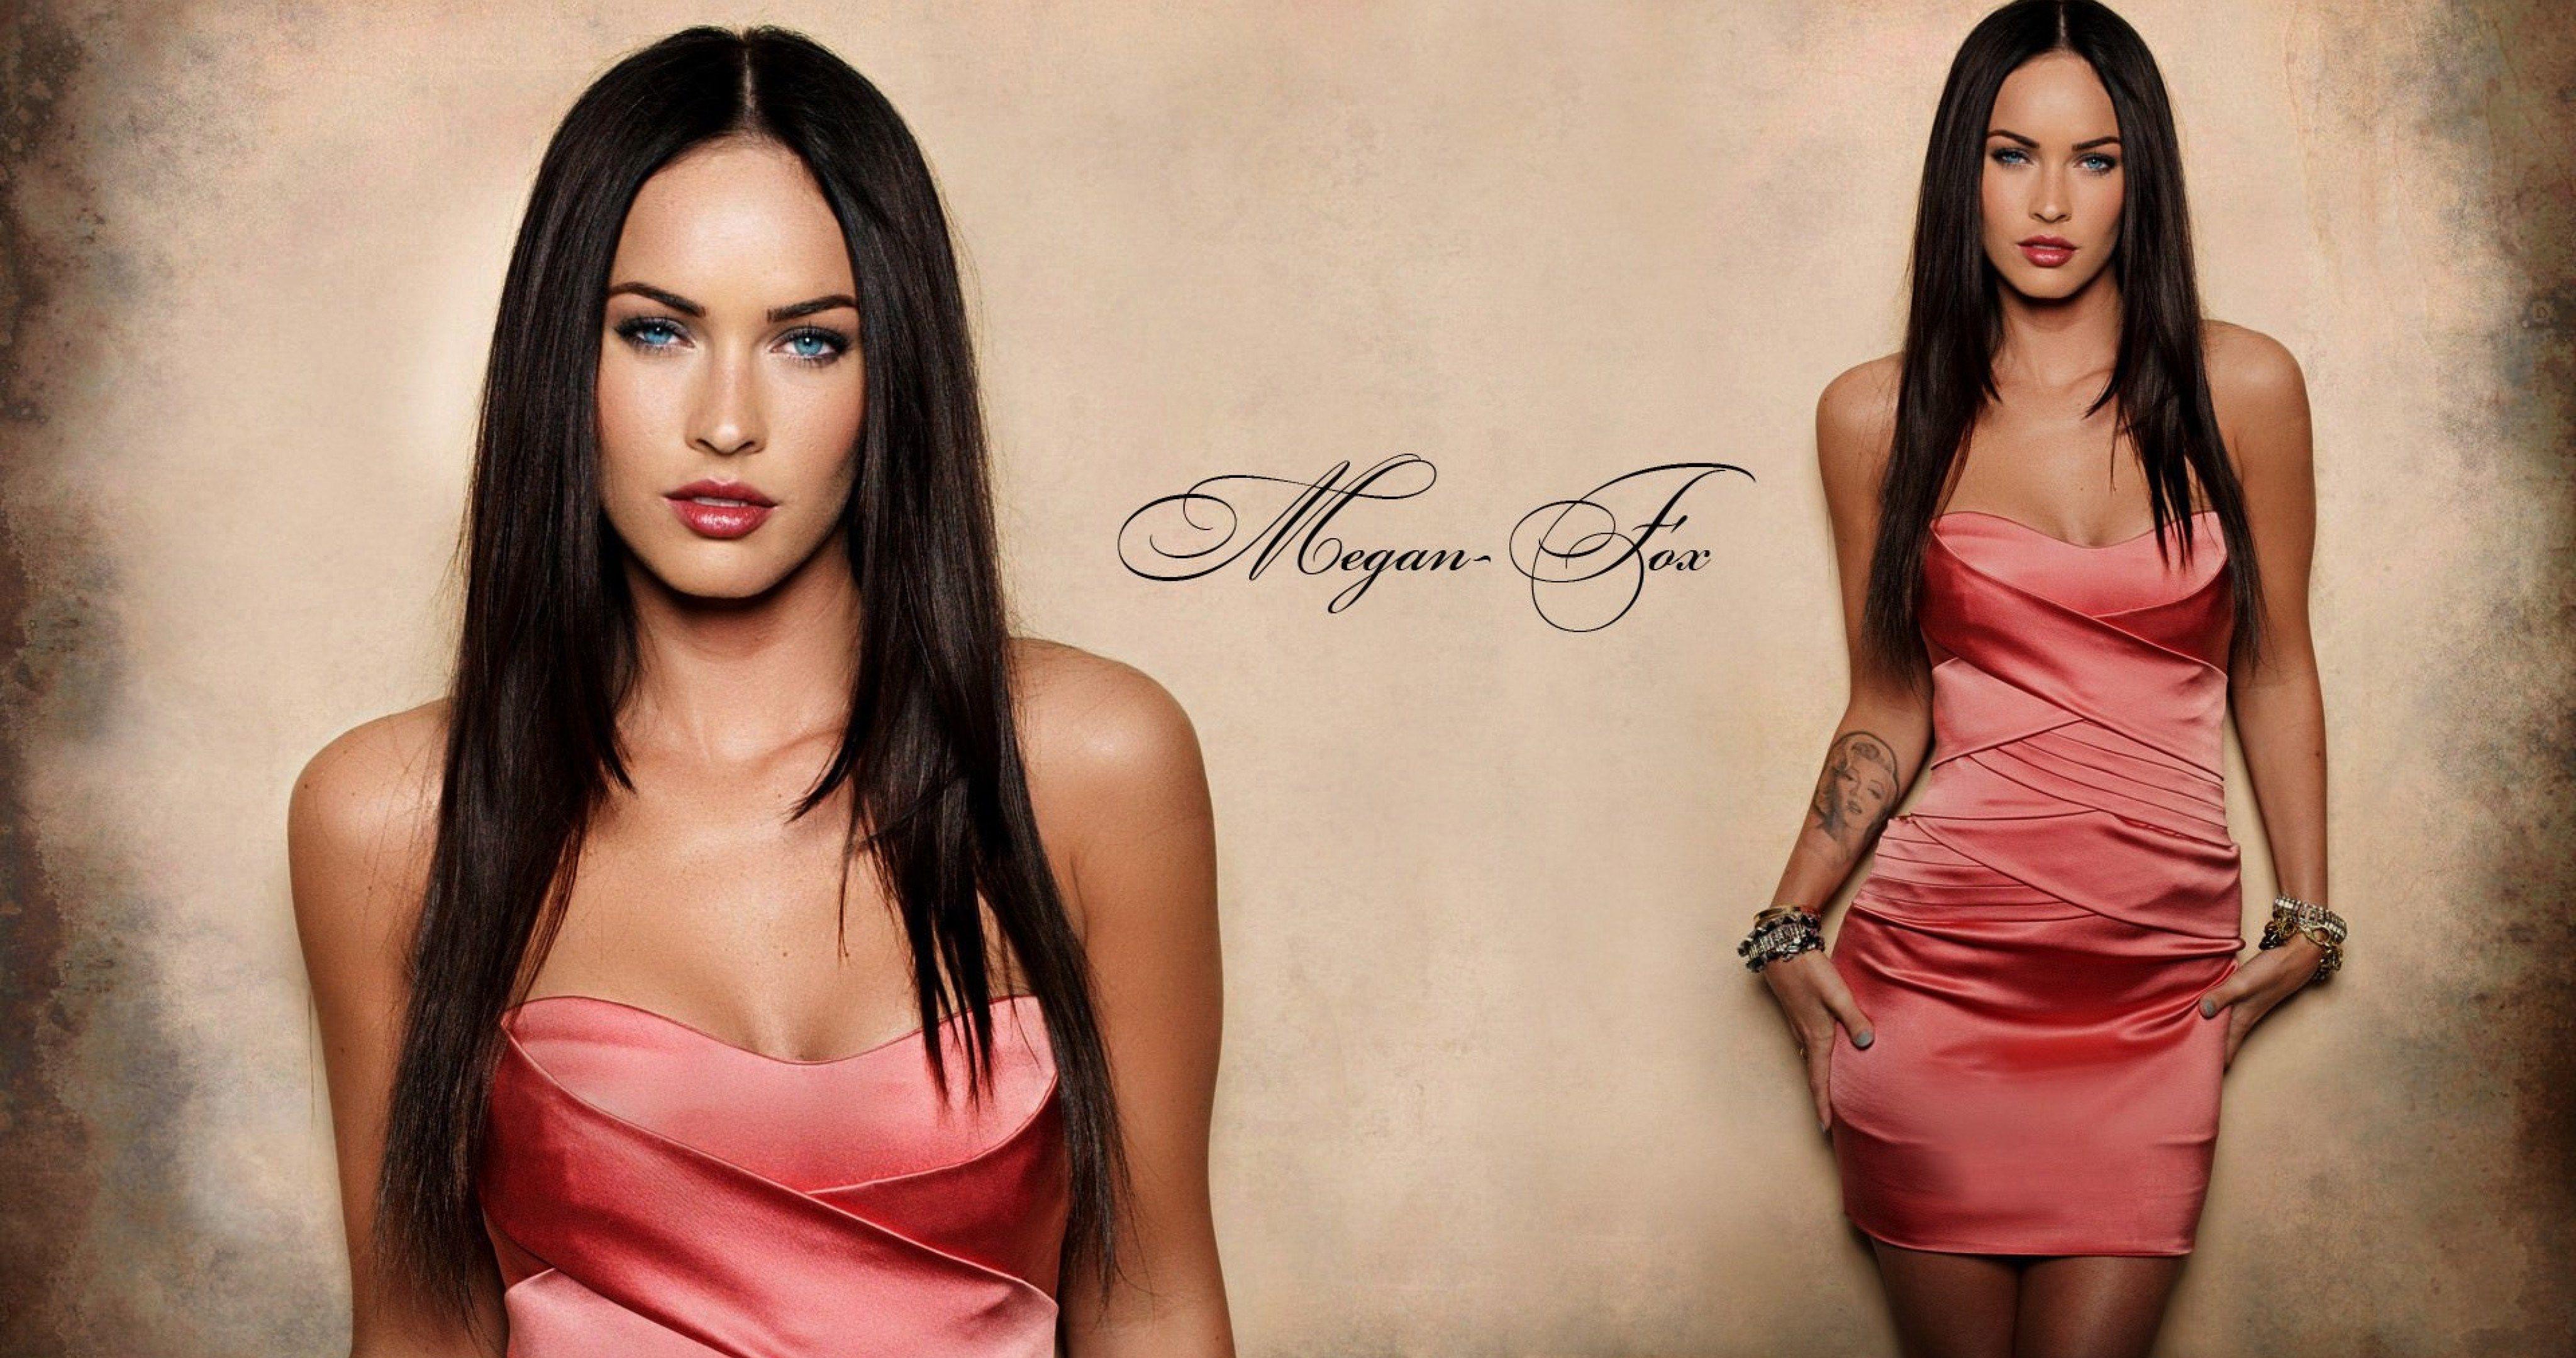 Megan Fox Marilyn Monroe Tattoo 4k Ultra Hd Wallpaper Megan Fox Megan Fox Wallpaper Beautiful Celebrities